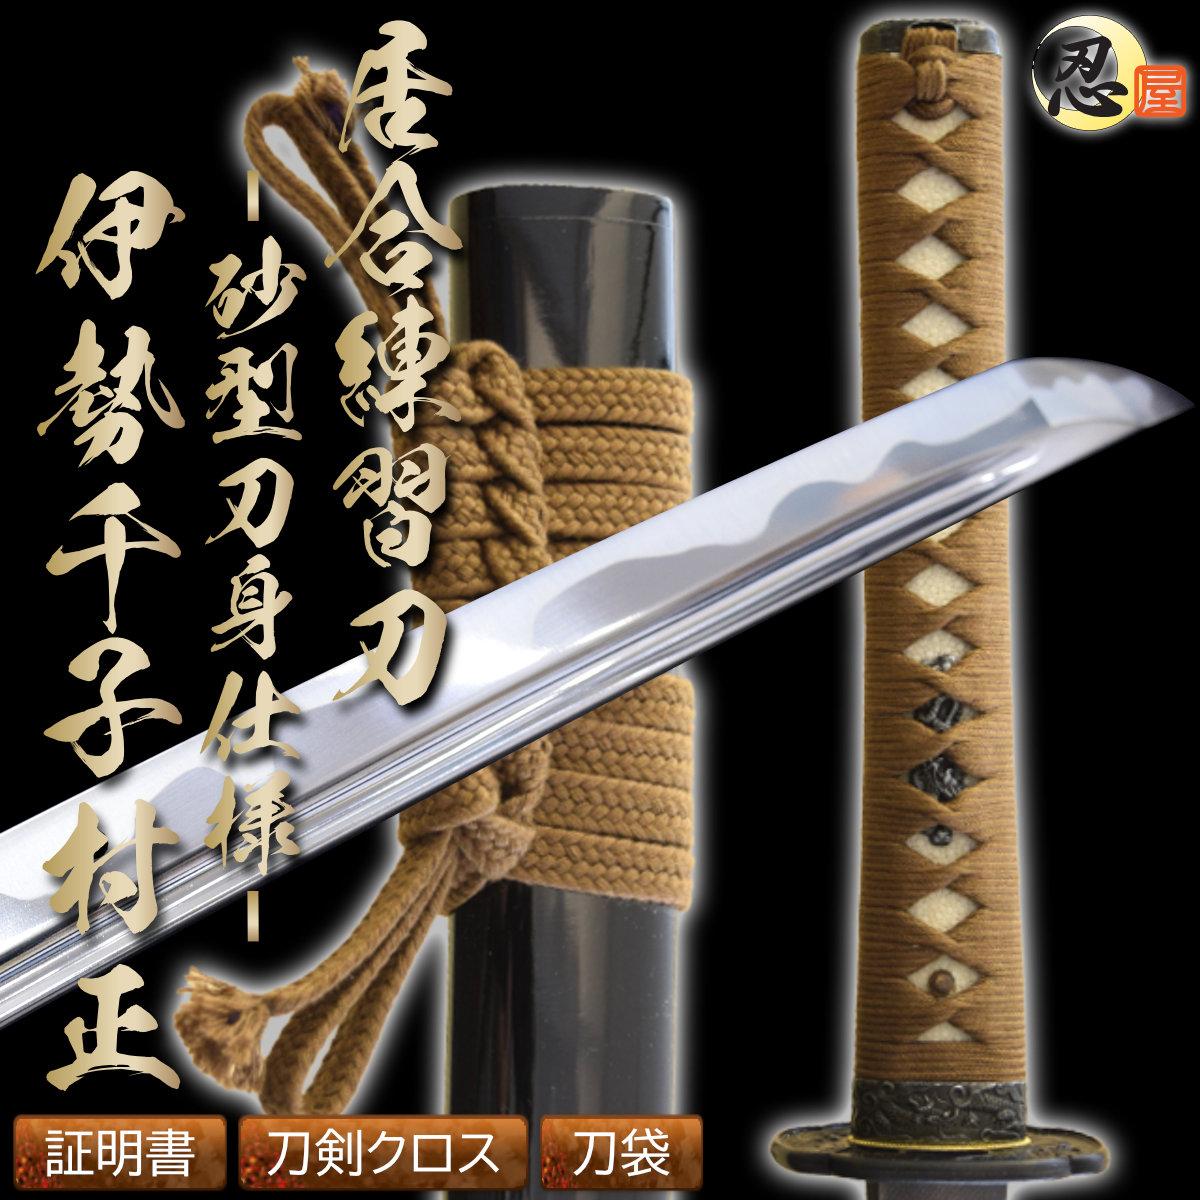 居合練習刀-砂型刀身仕様- 伊勢千子村正 (刀袋付き)  【新仕様】 数量限定即納品!